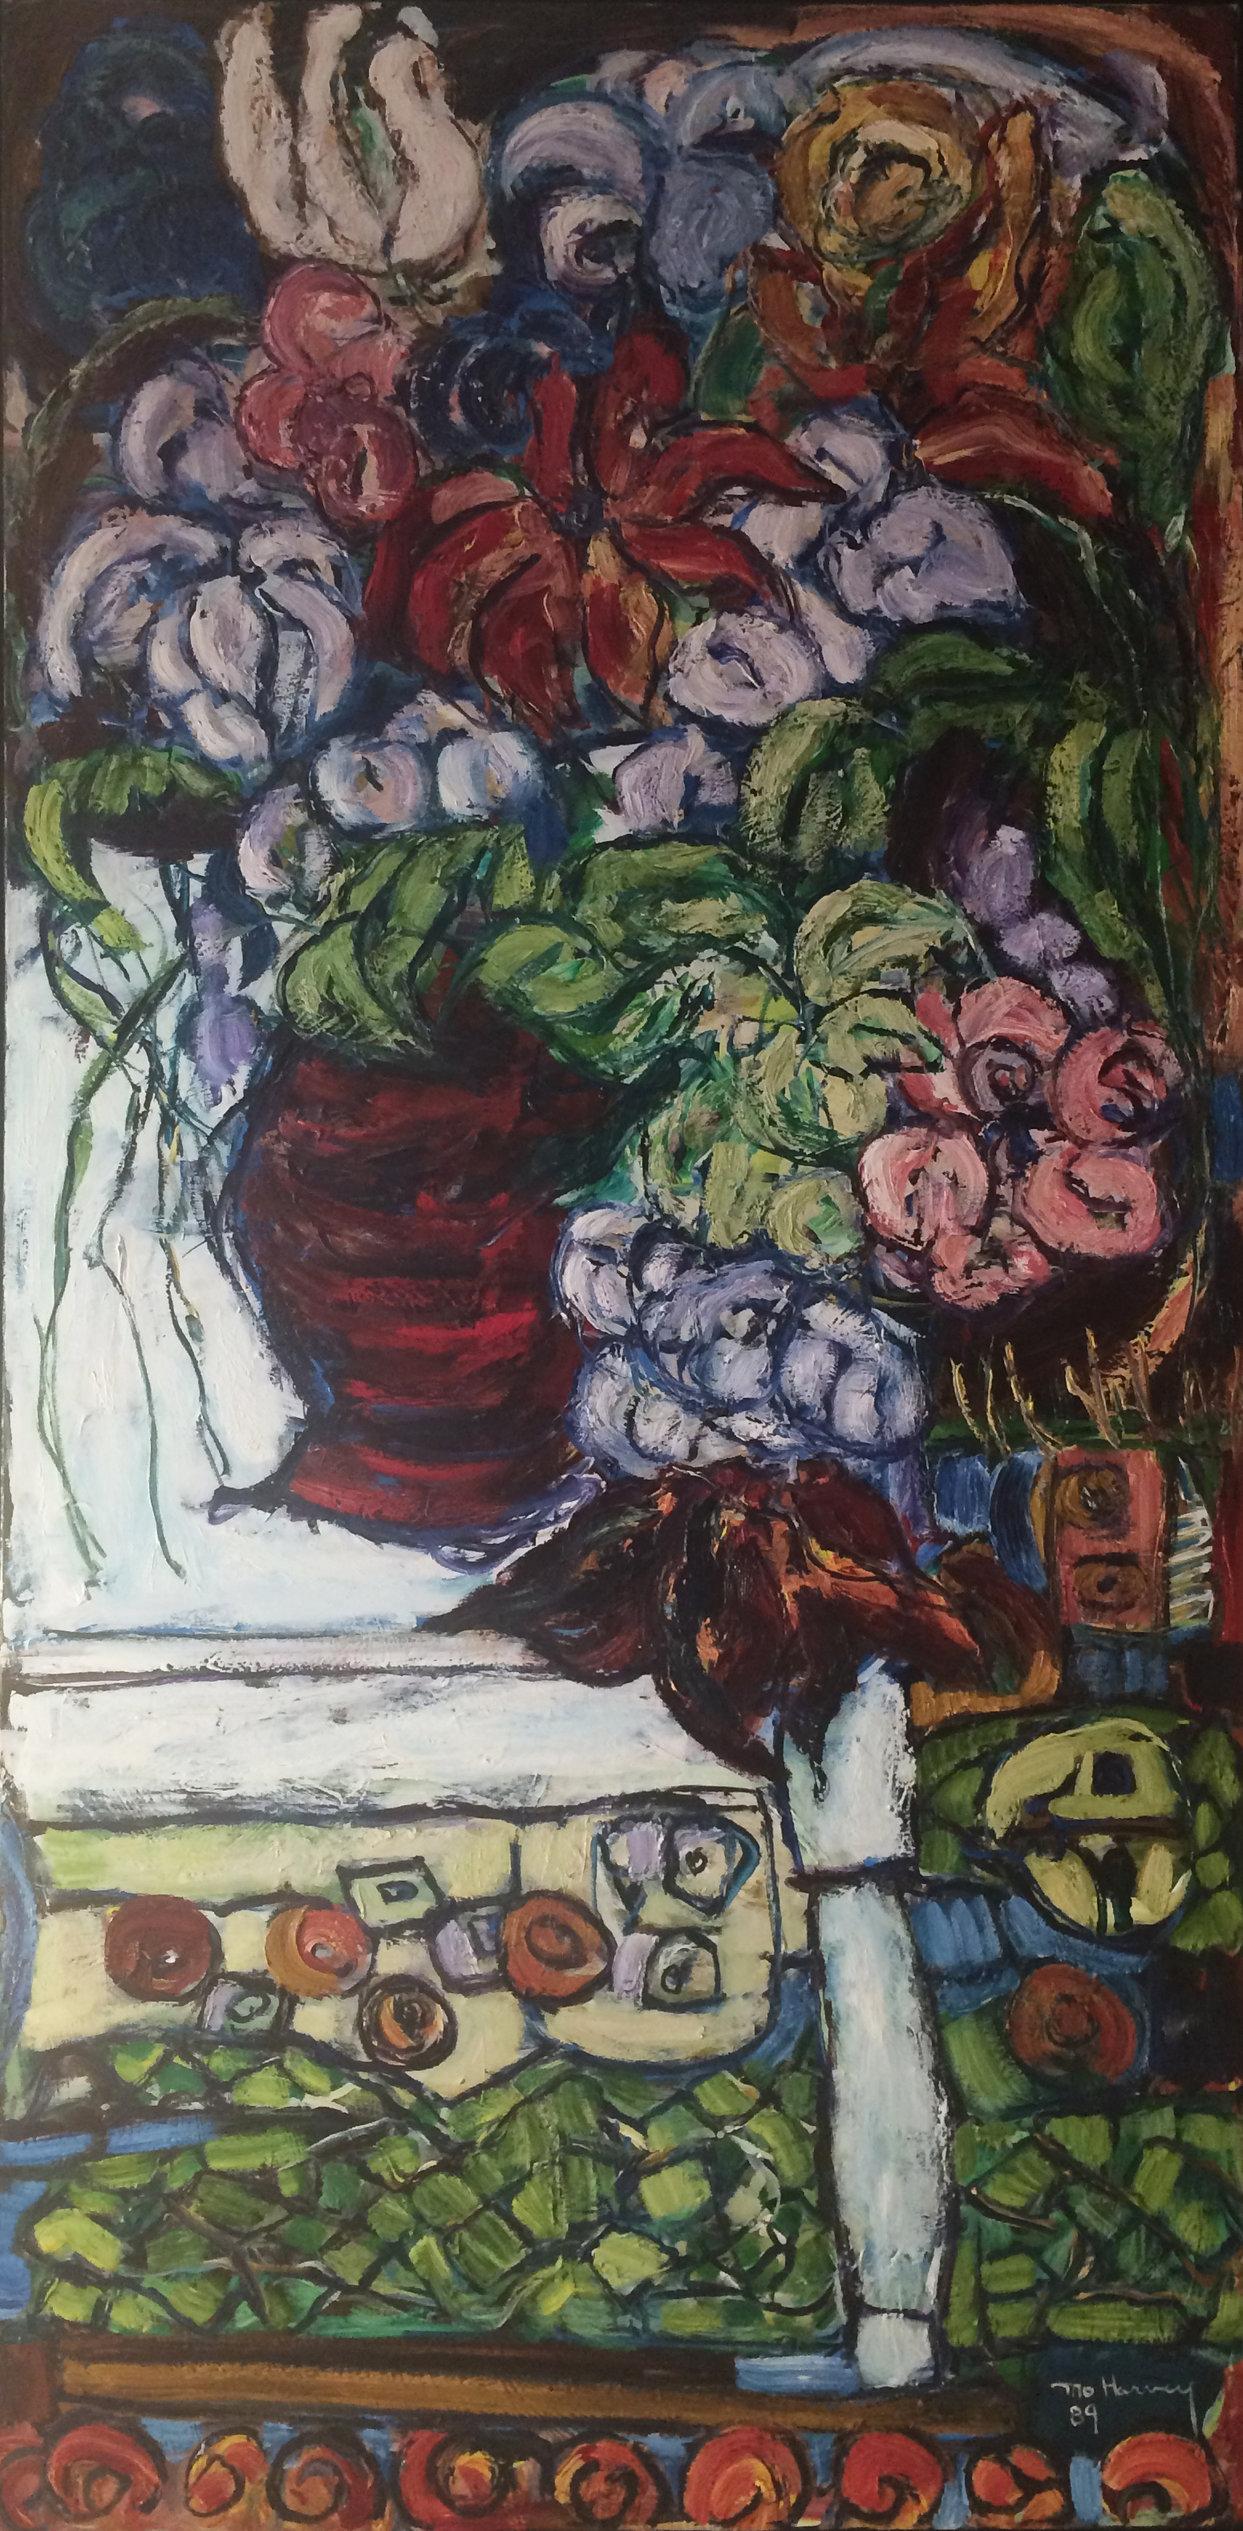 Les Fleurs, La Table, et Le tapis